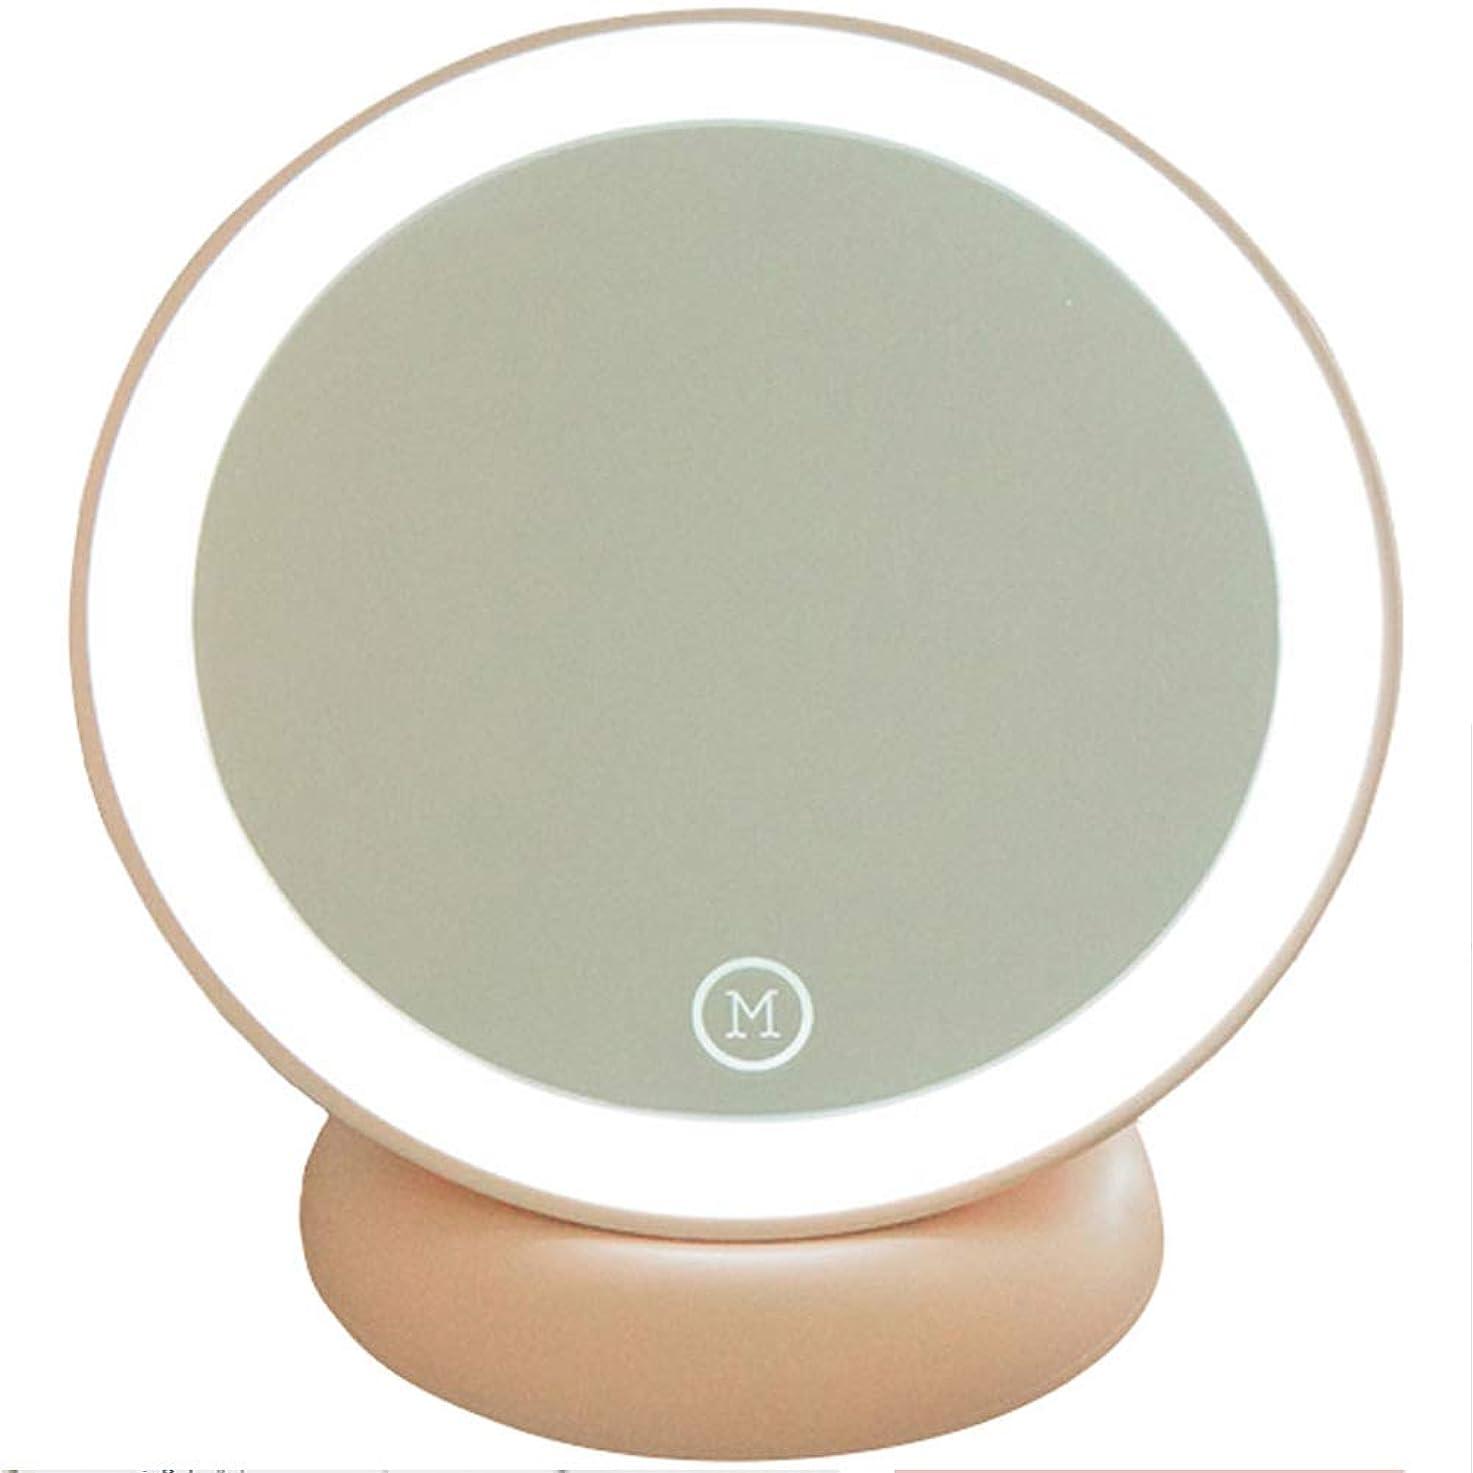 自己援助デザートライト付き化粧鏡、デスクトップドレッシングミラー360°回転フリーハンギング充電式ポータブルポータブルホームトラベルギフト(ピンク)